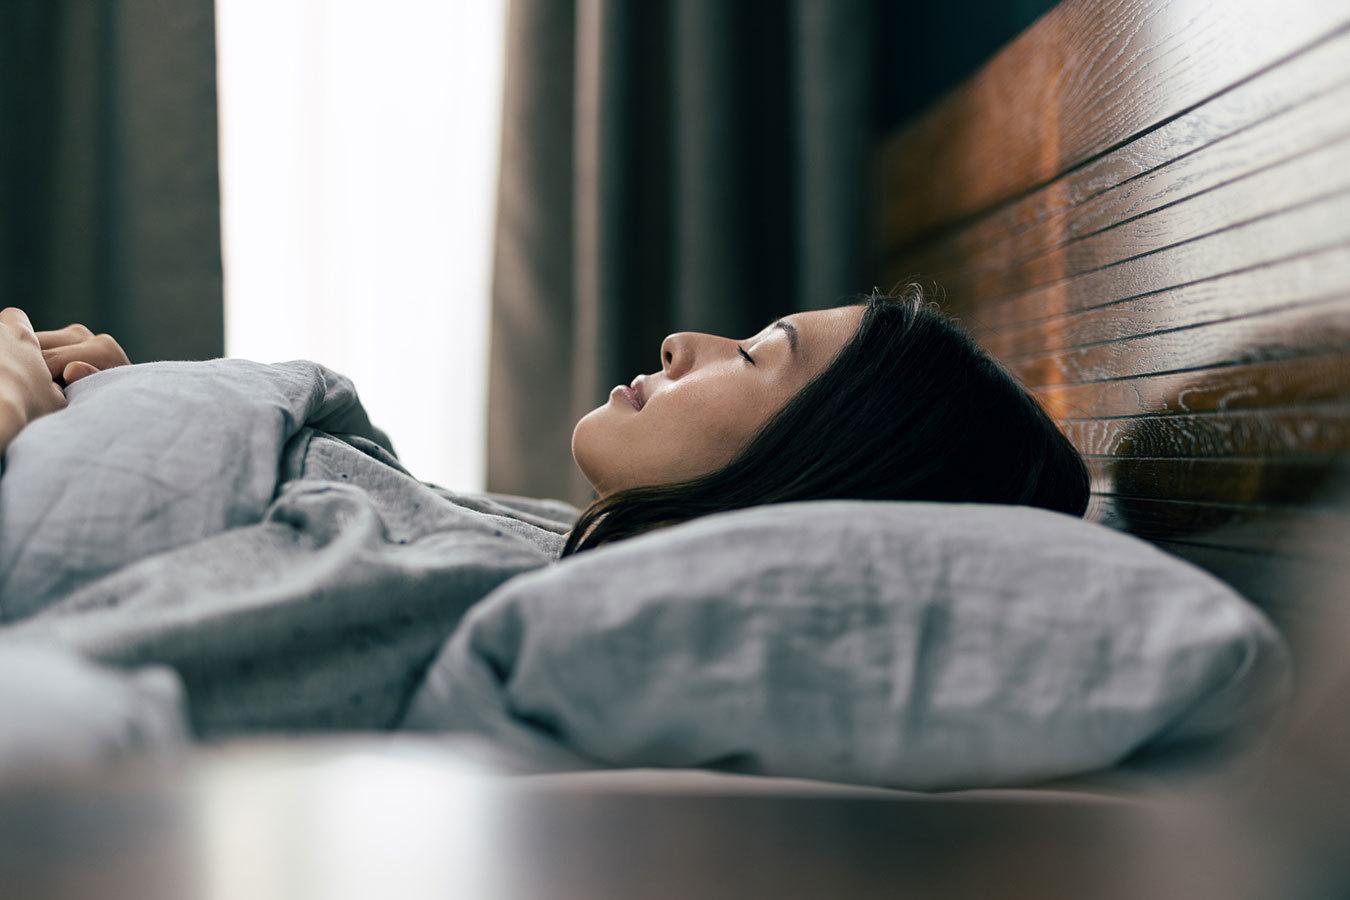 健康で快適な将来のために、睡眠改善が欠かせないワケ